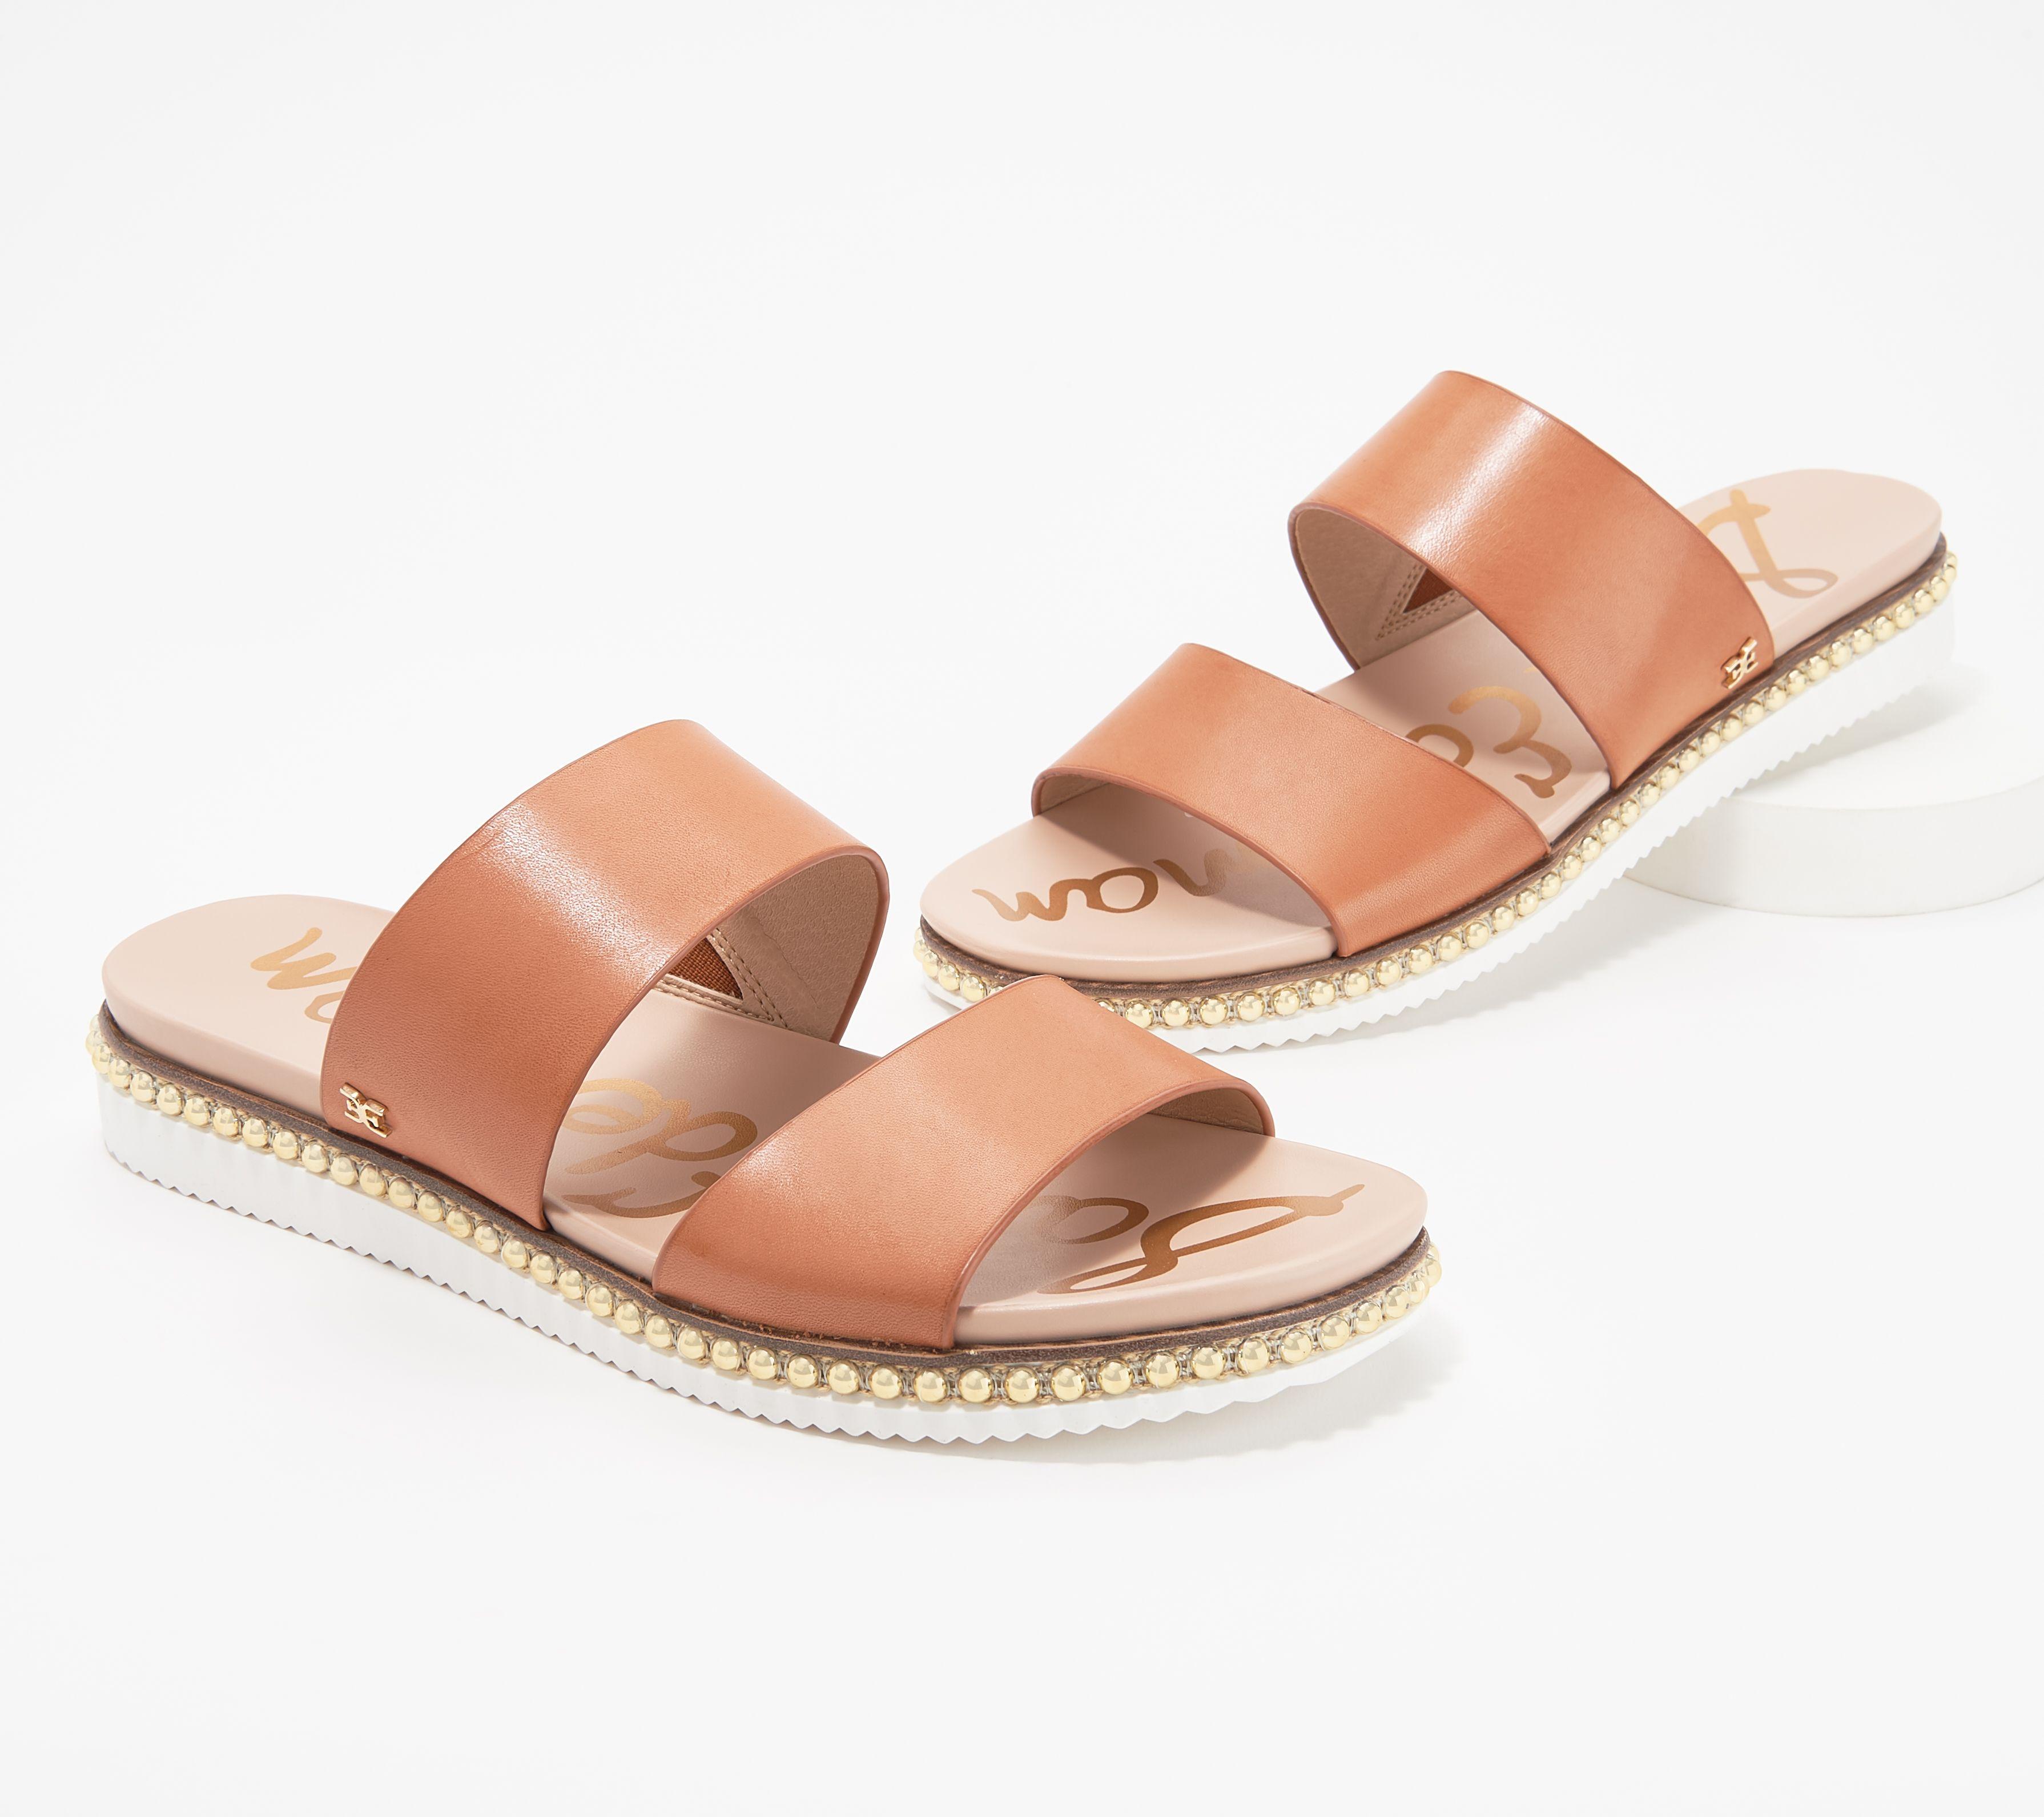 c9d446e15 Sam Edelman Leather Double Strap Slide Sandals - Asha - Page 1 — QVC.com